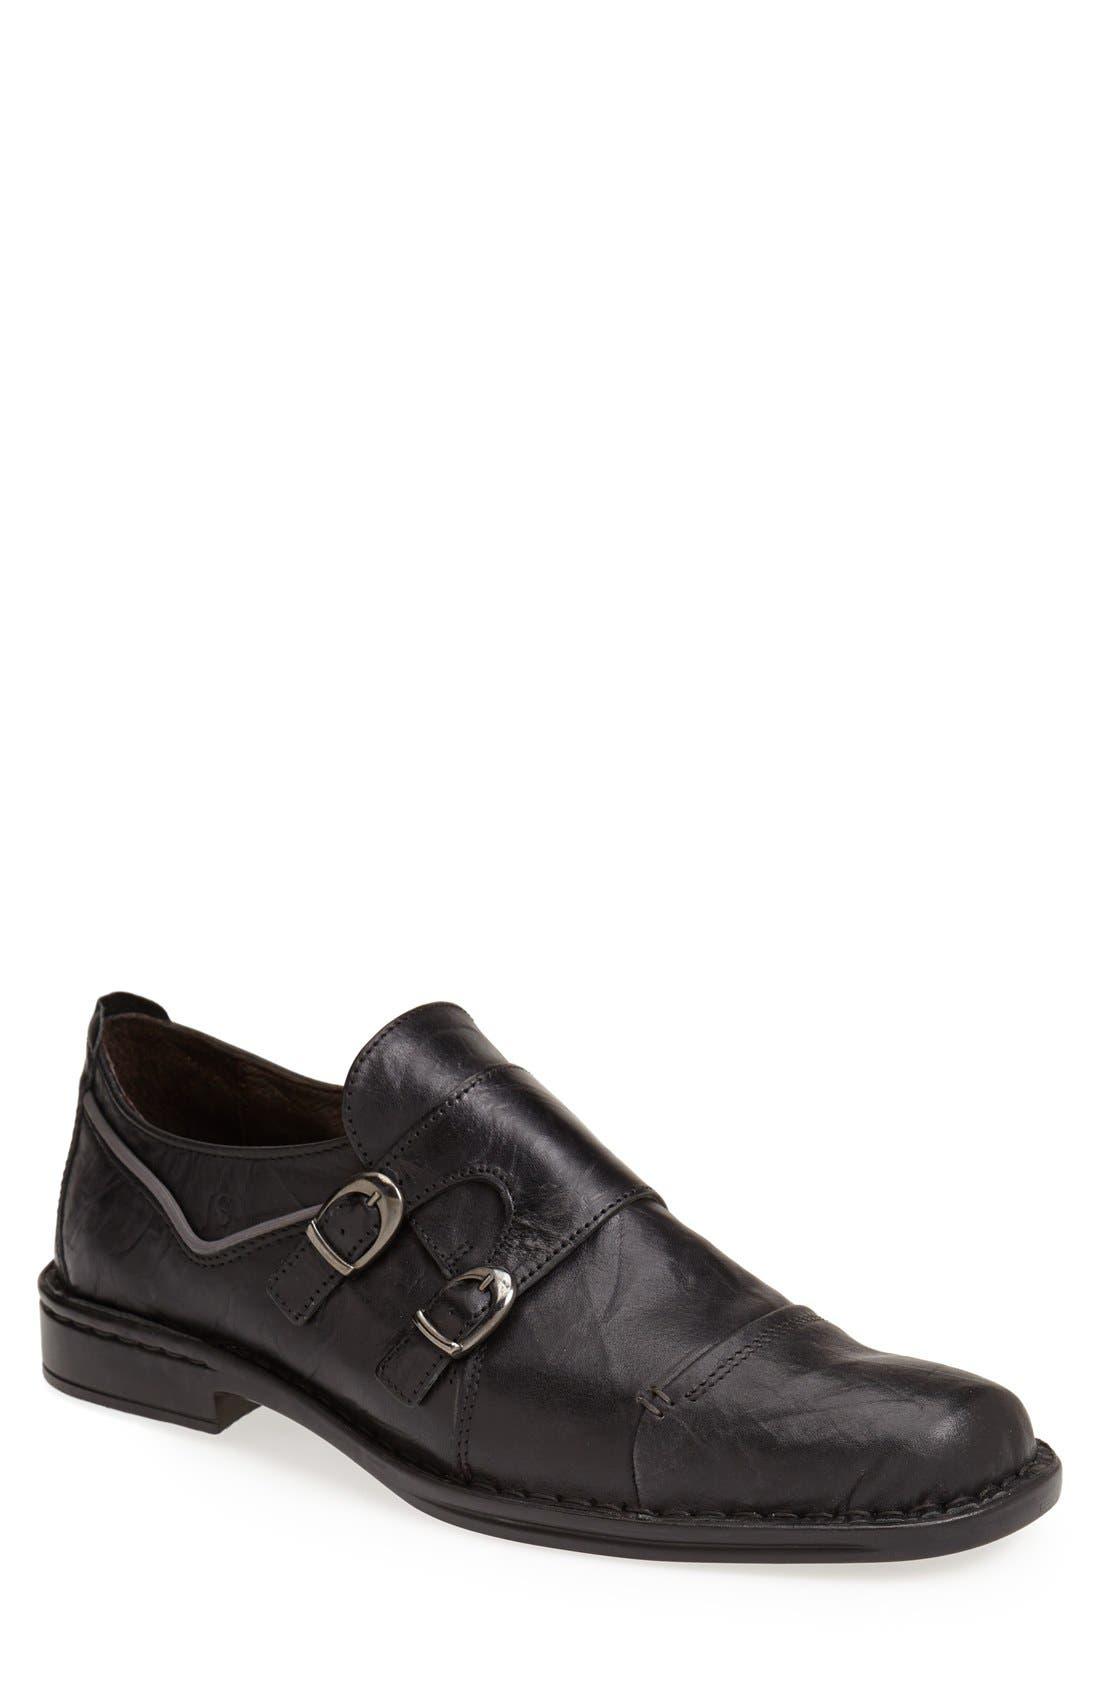 'Douglas 11' Double Monk Strap Shoe,                             Main thumbnail 1, color,                             BLACK